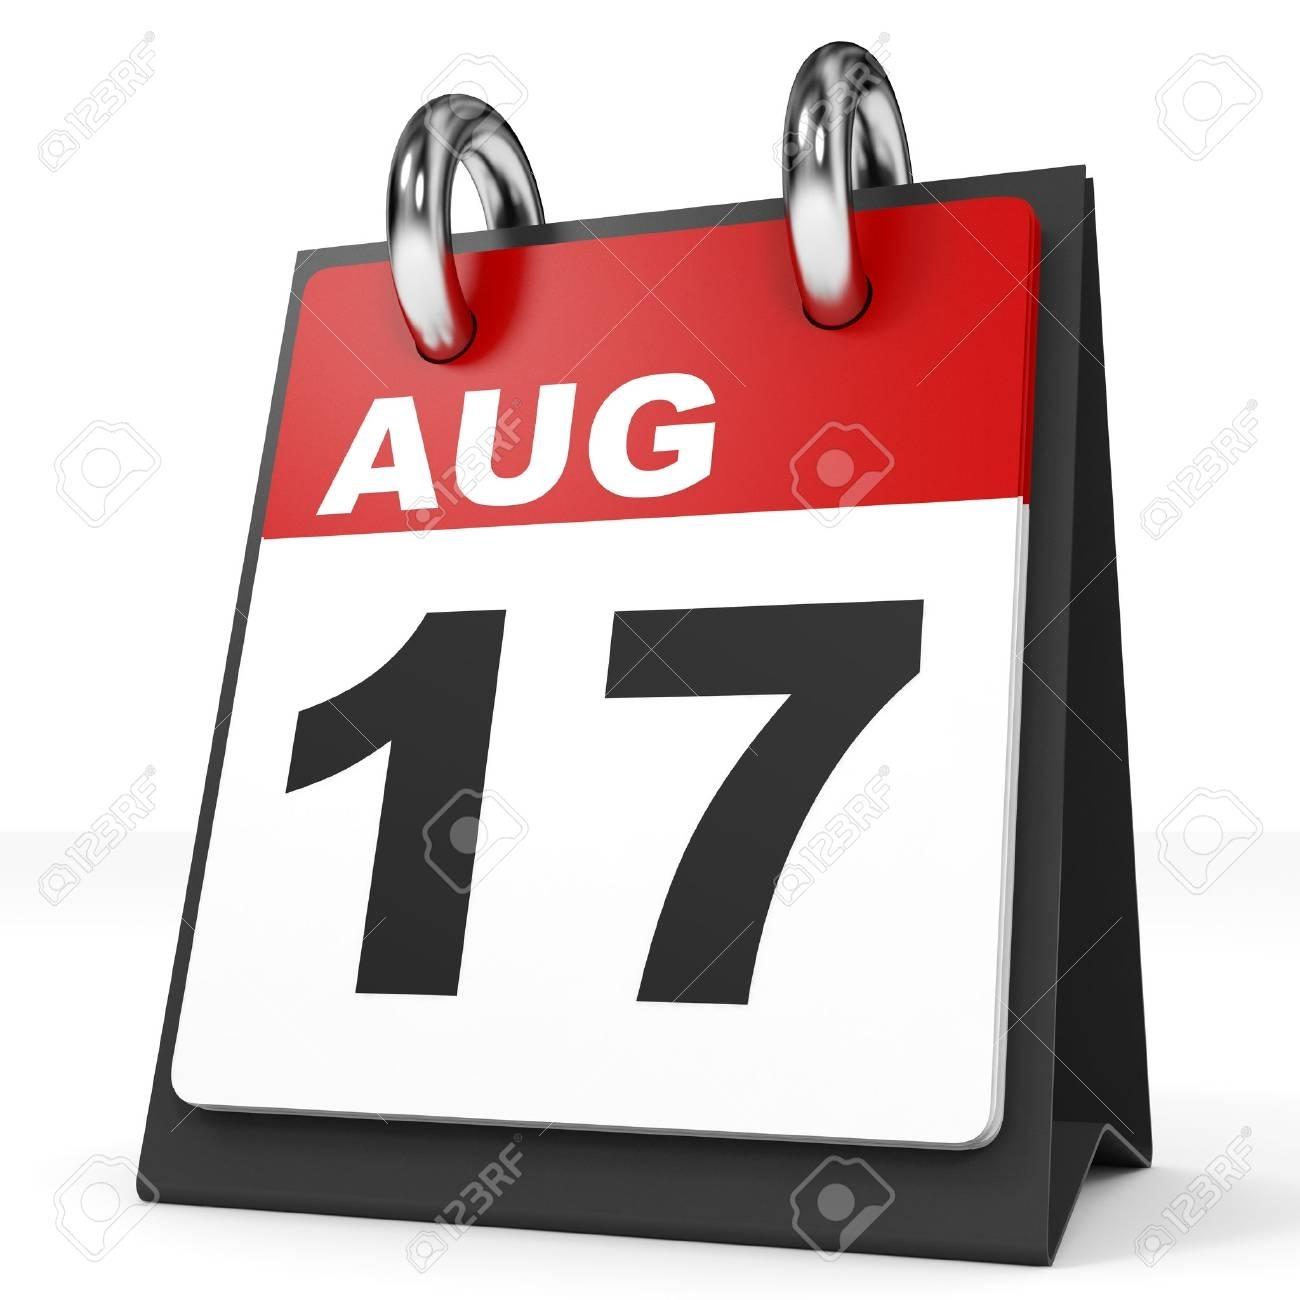 Calendario En El Fondo Blanco. 17 De Agosto. Ilustración 3D. Fotos intended for Imagen 17 De Agosto En Calendario